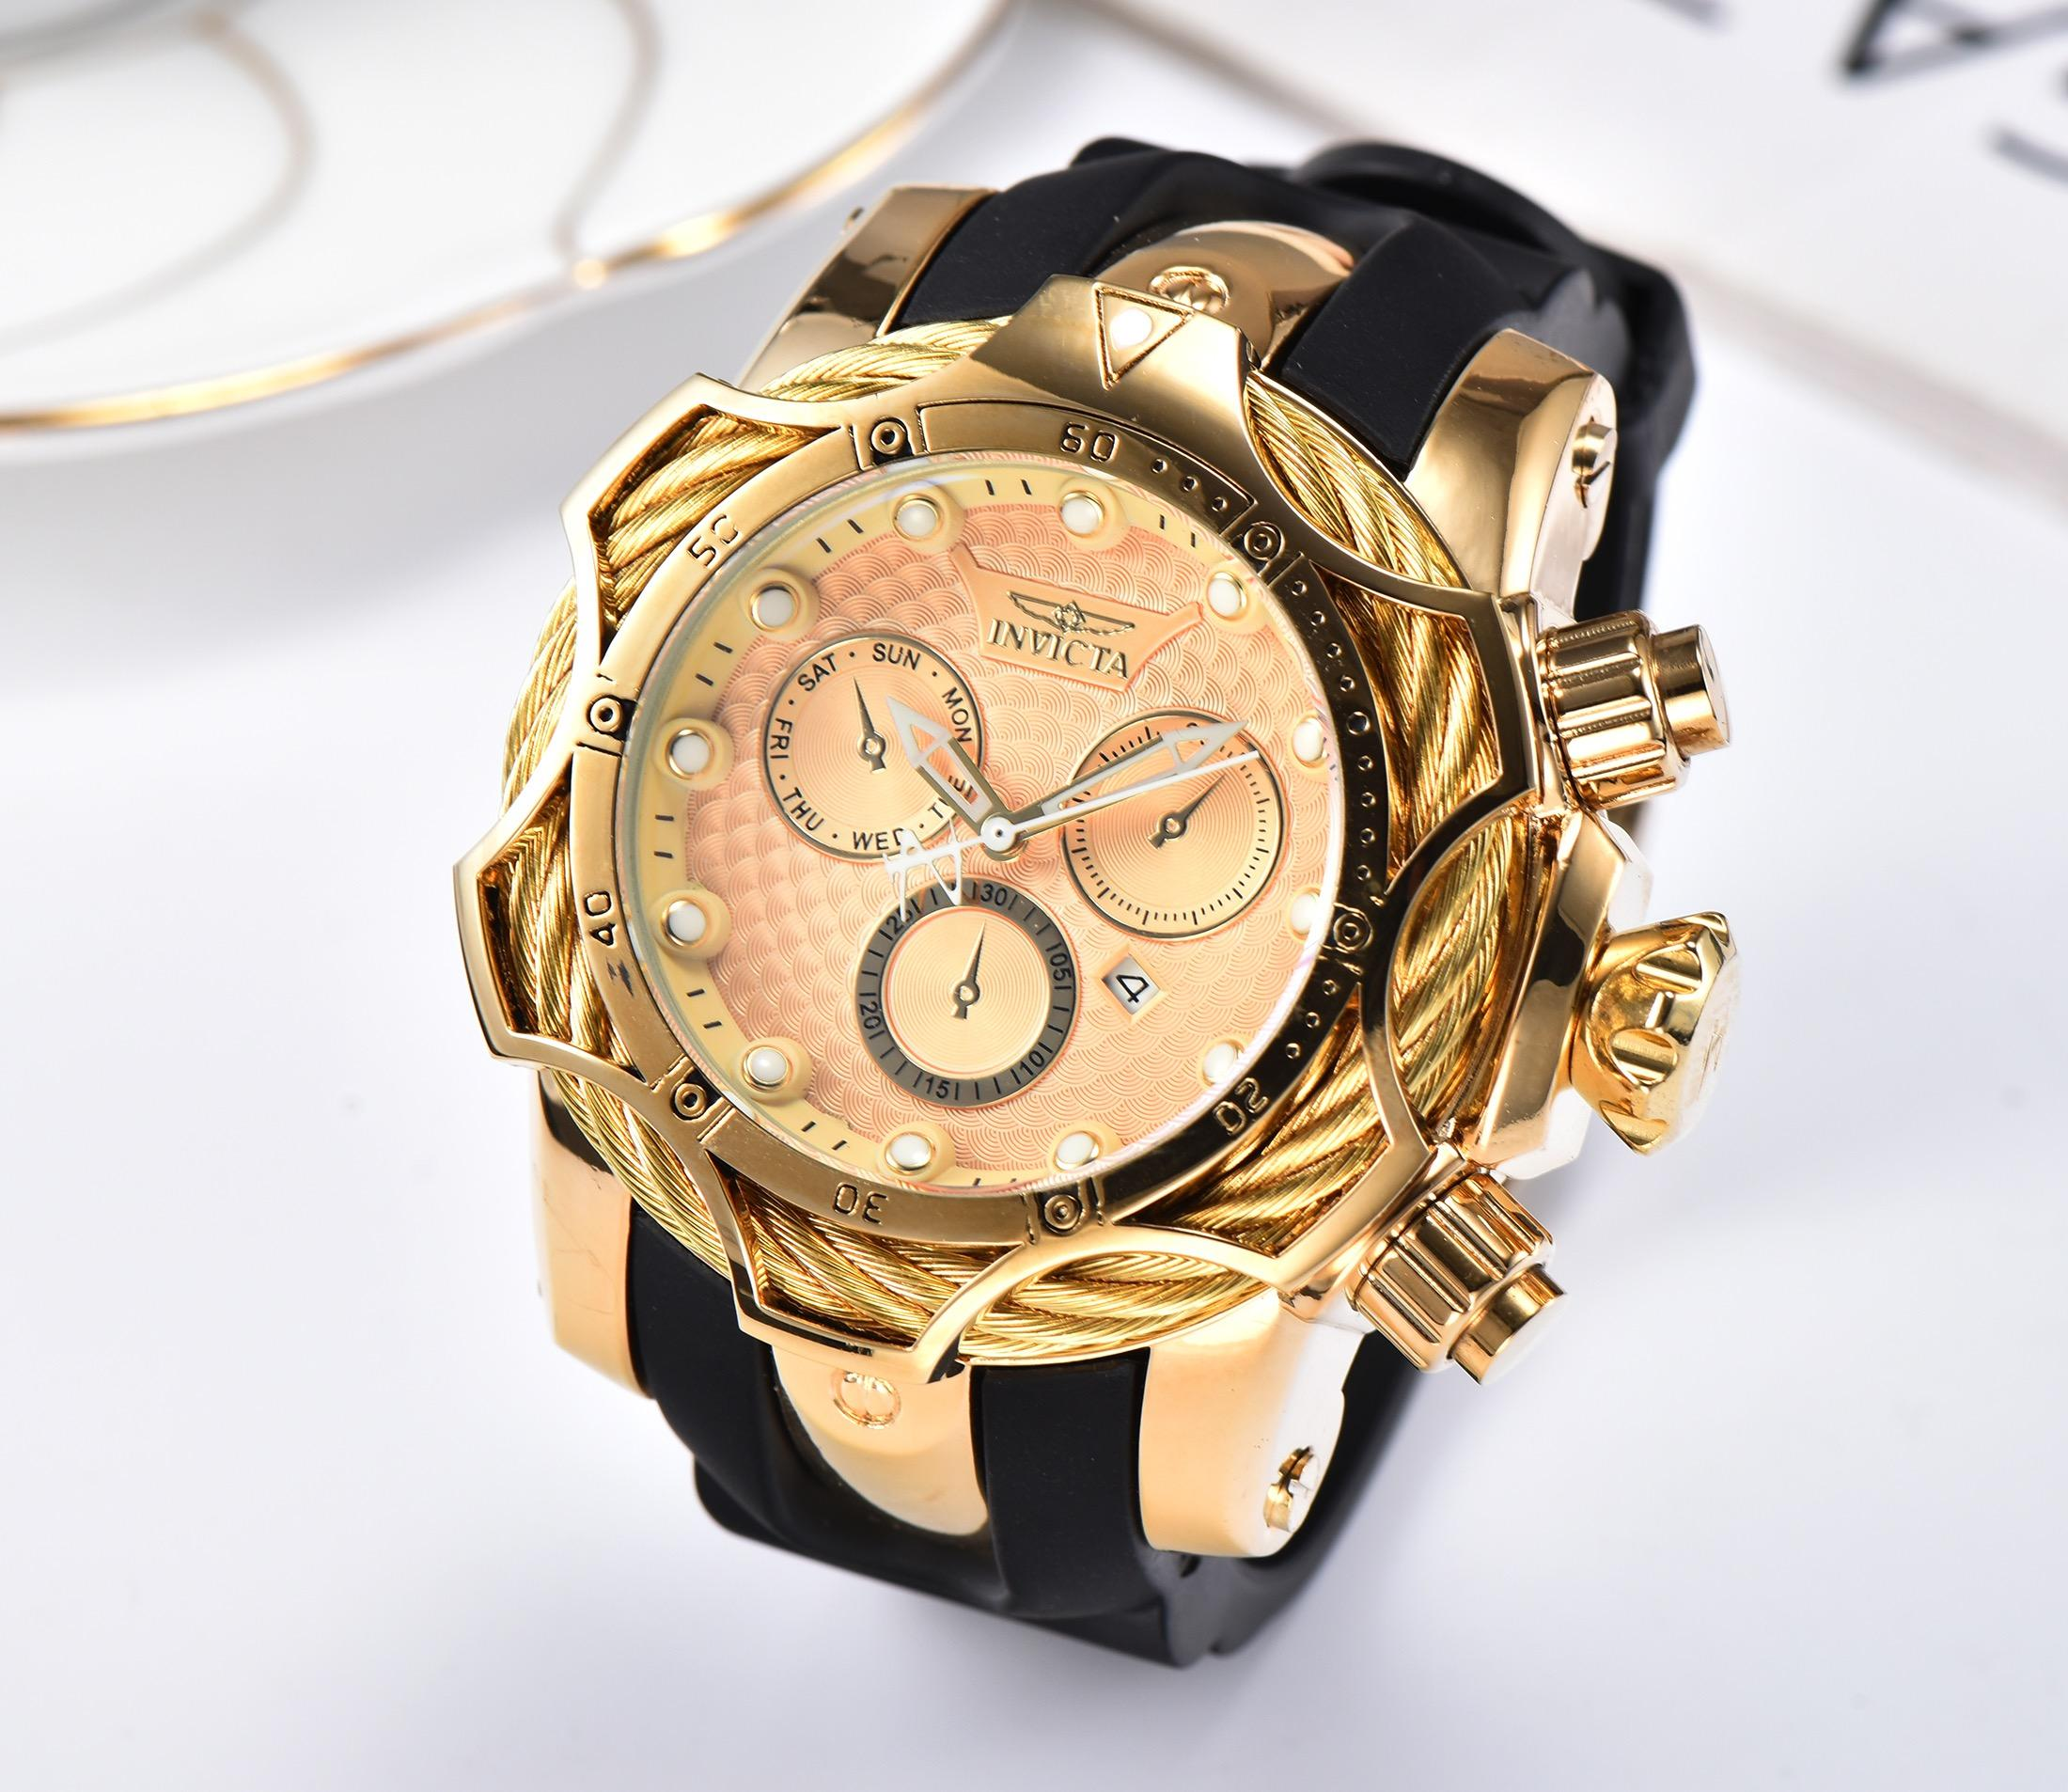 19 INVICTA Orologio di lusso in oro Tutti i quadranti secondari funzionanti Uomo Sport Orologi al quarzo Cronografo Data automatica elastico Orologio da polso per regalo maschile 3C